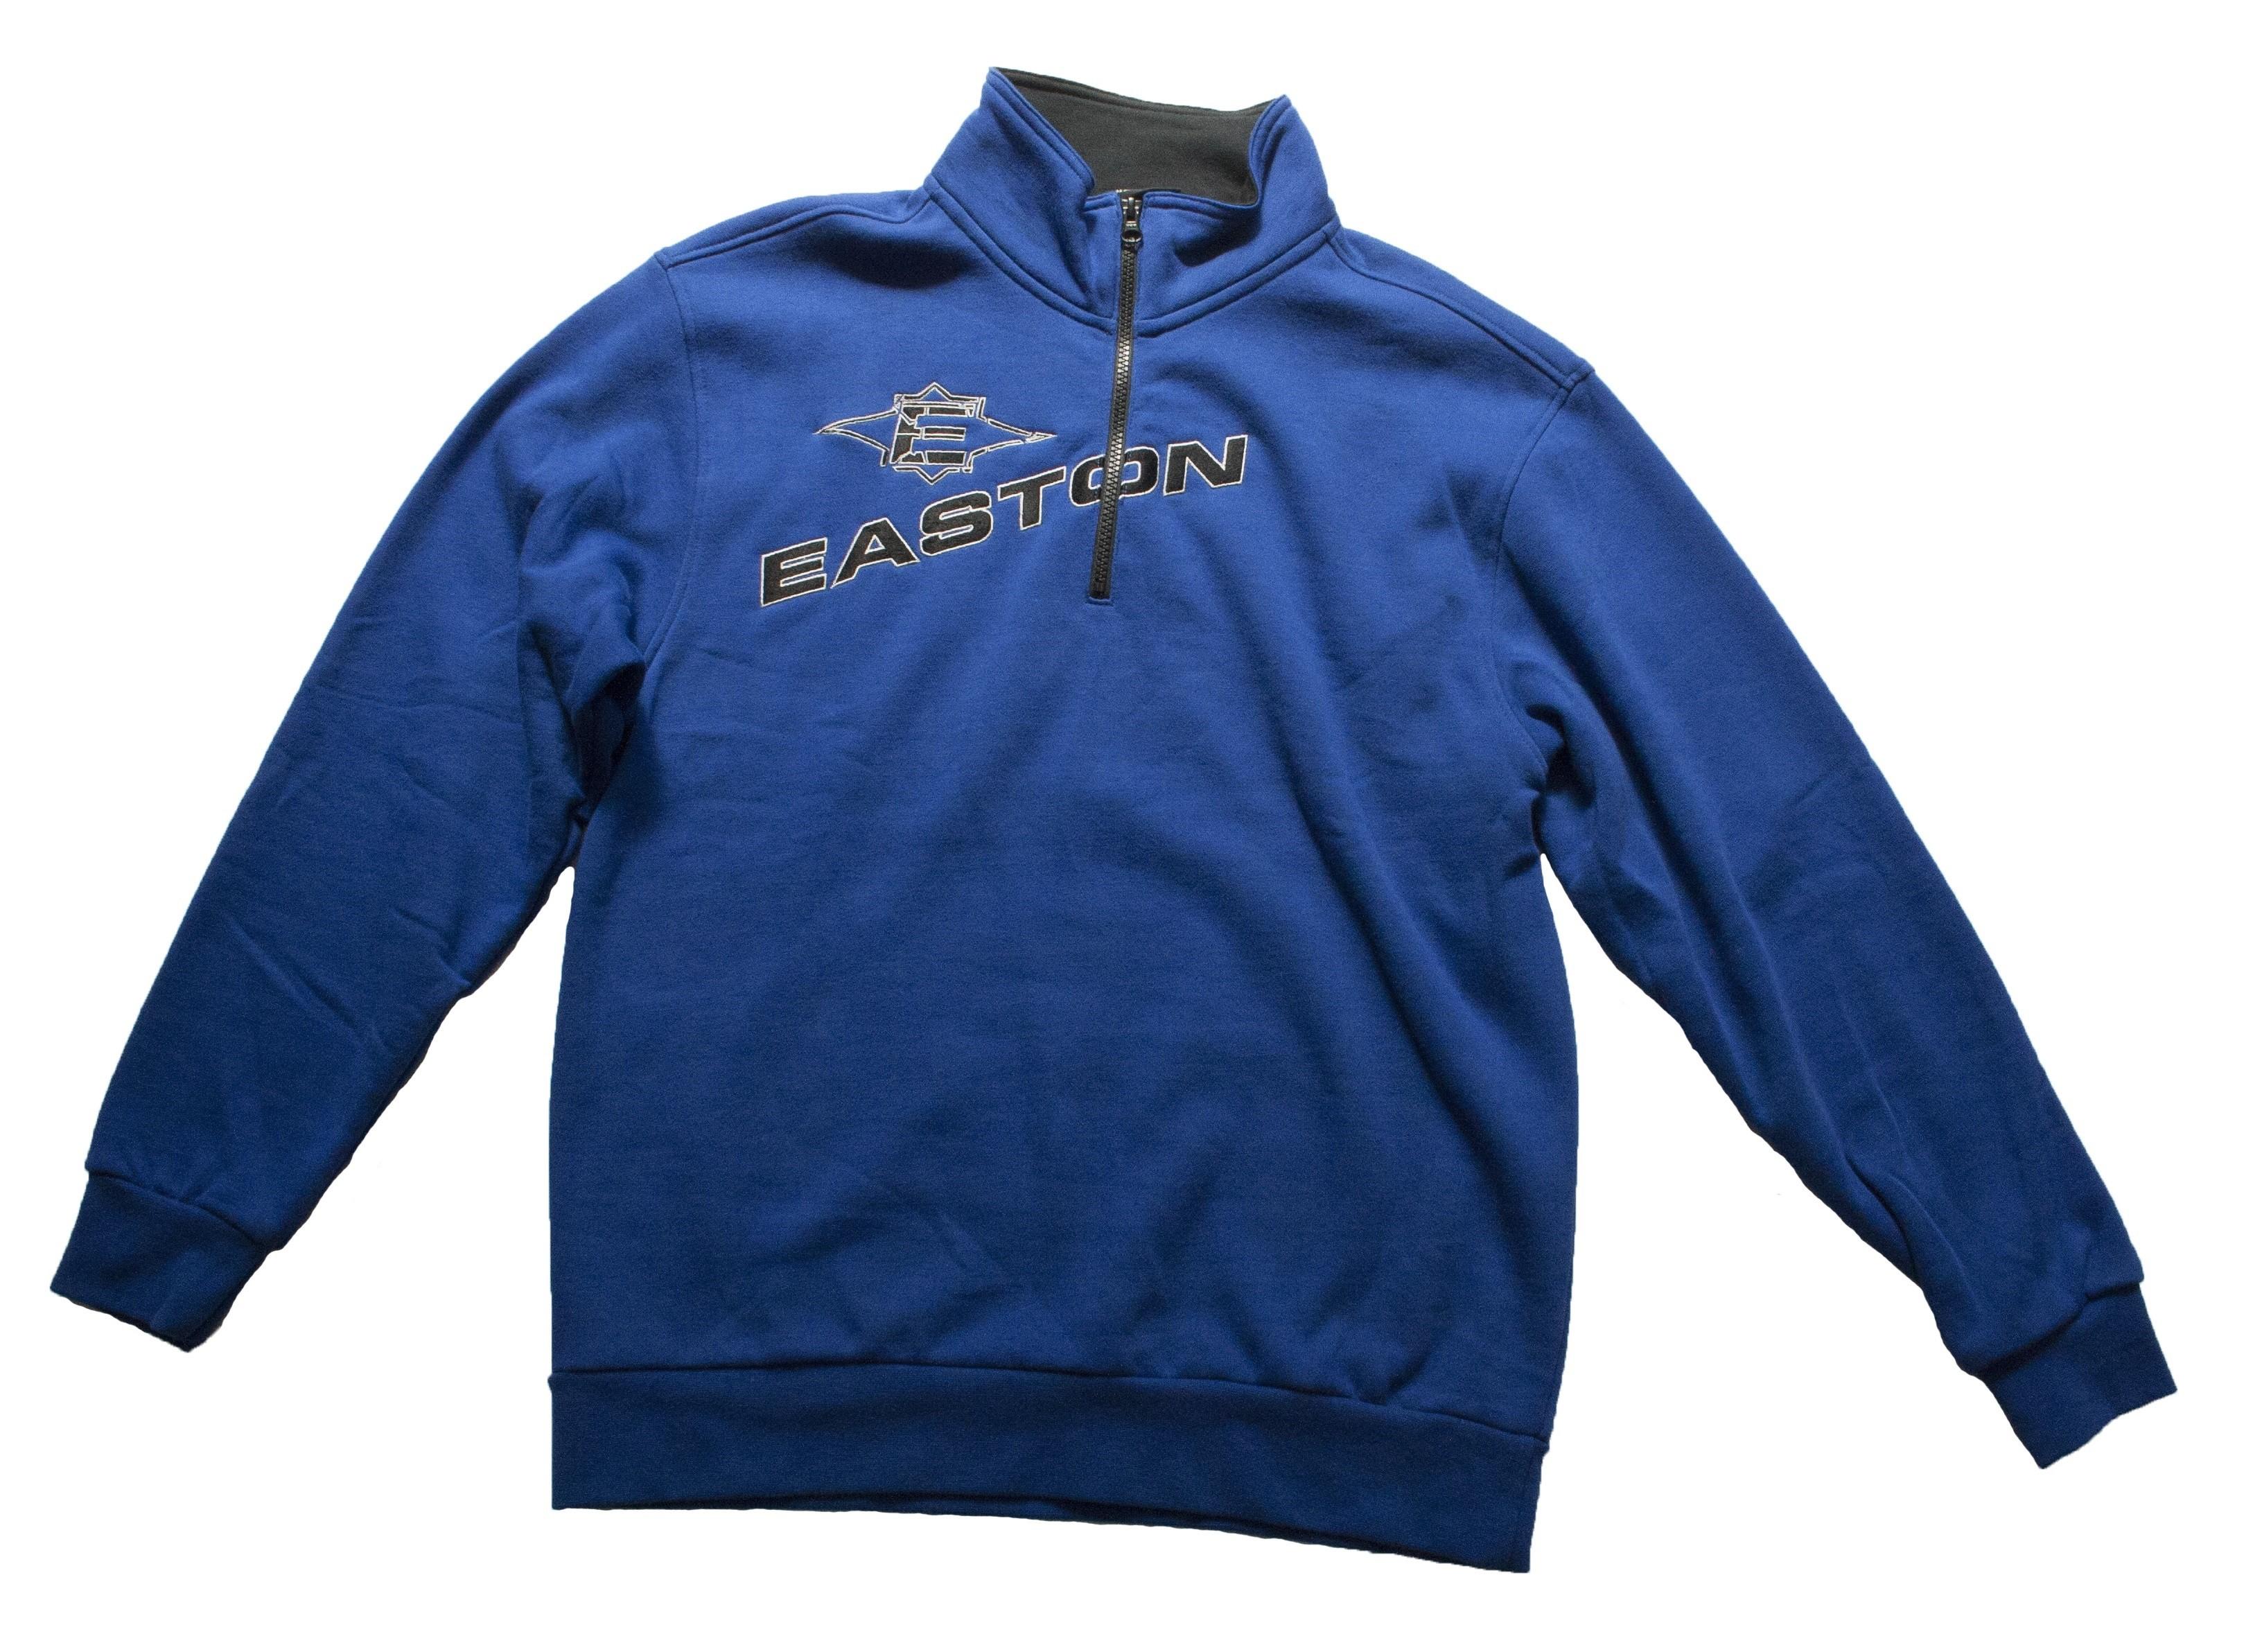 Easton Adult Zip Jacket